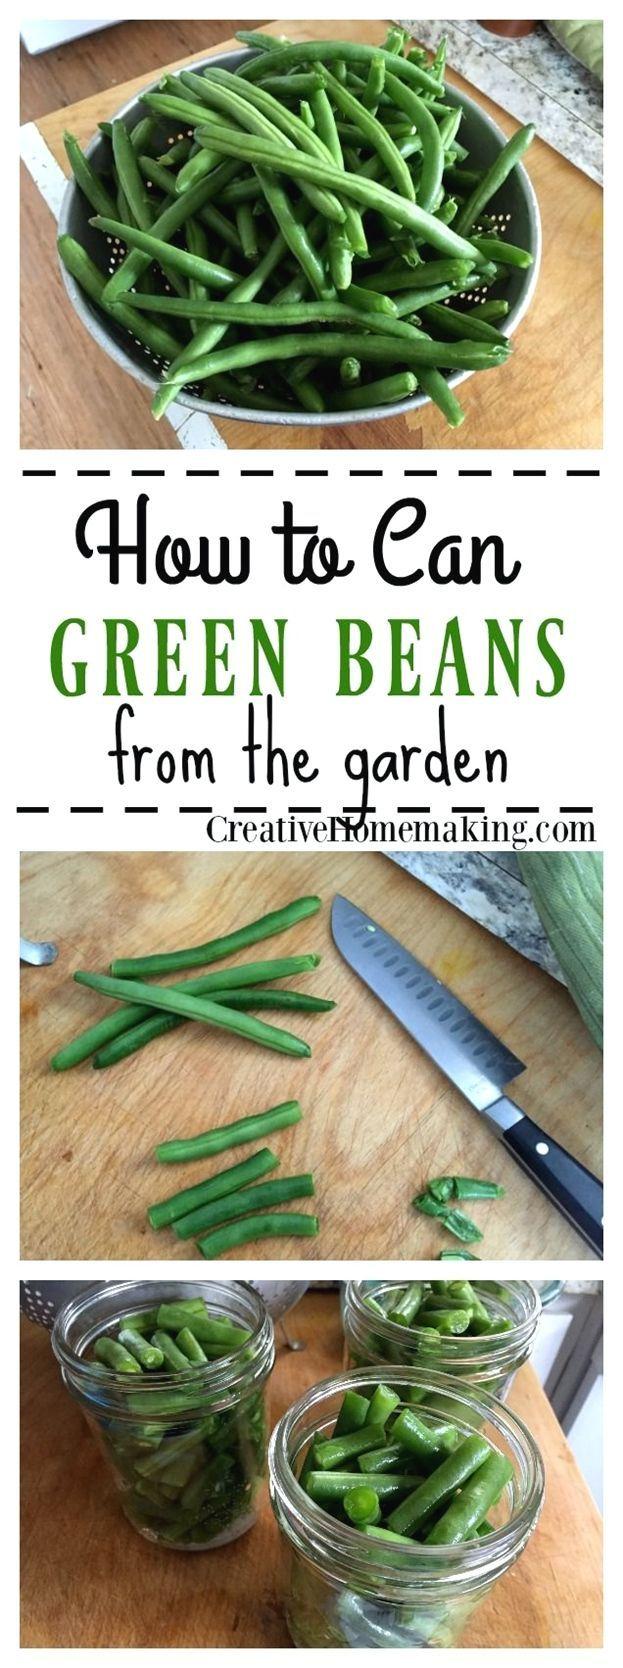 Gardening For Beginners Reddit Gardeningforbegginers